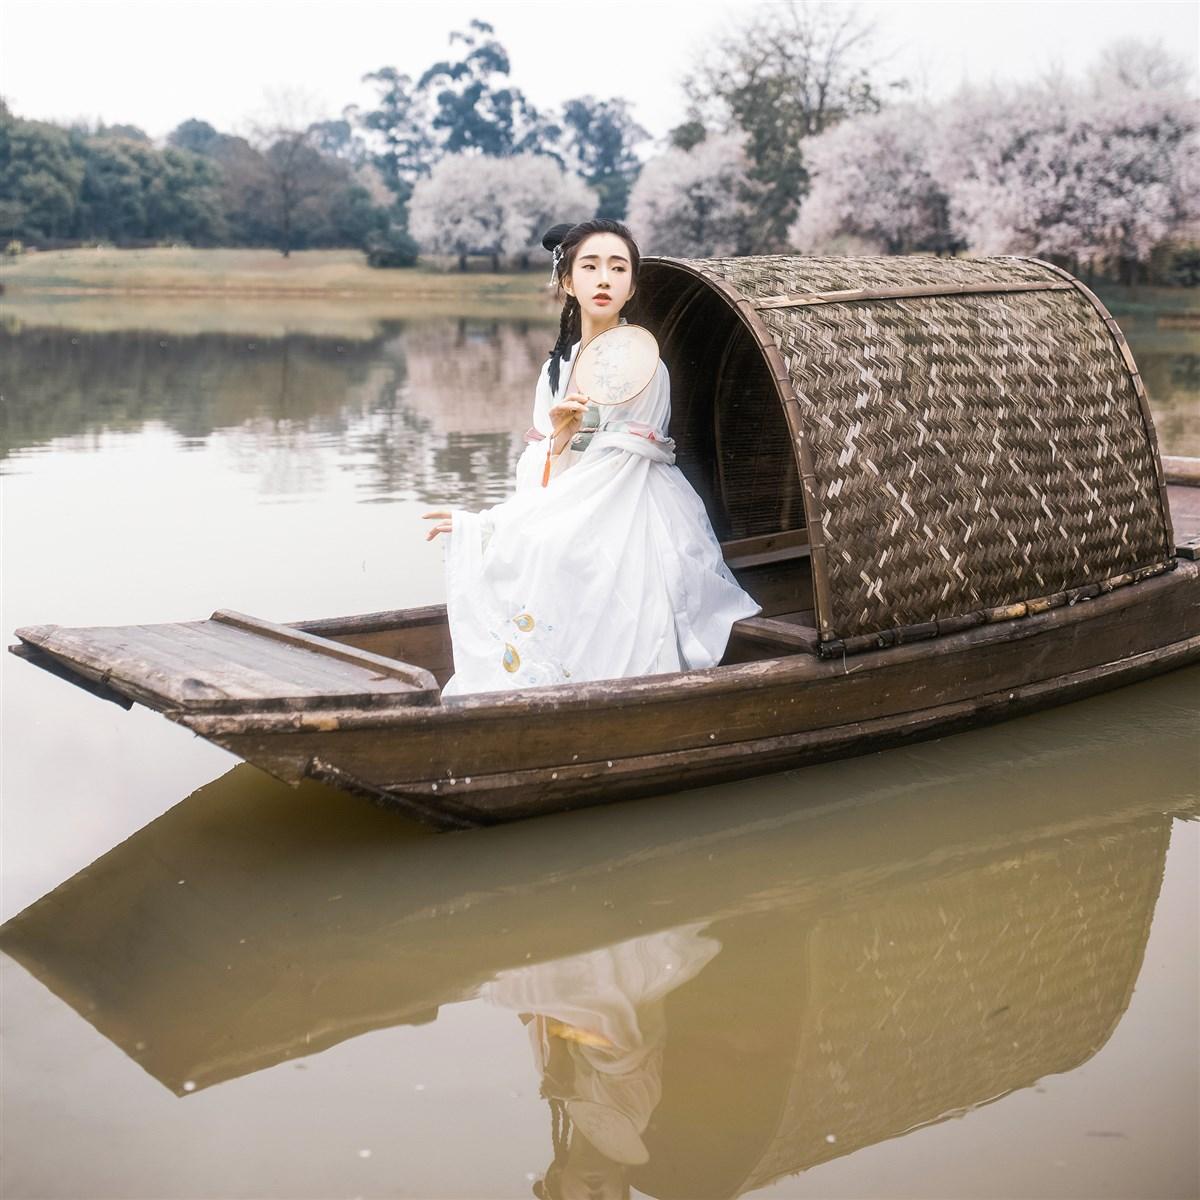 梦仙游—人像摄影